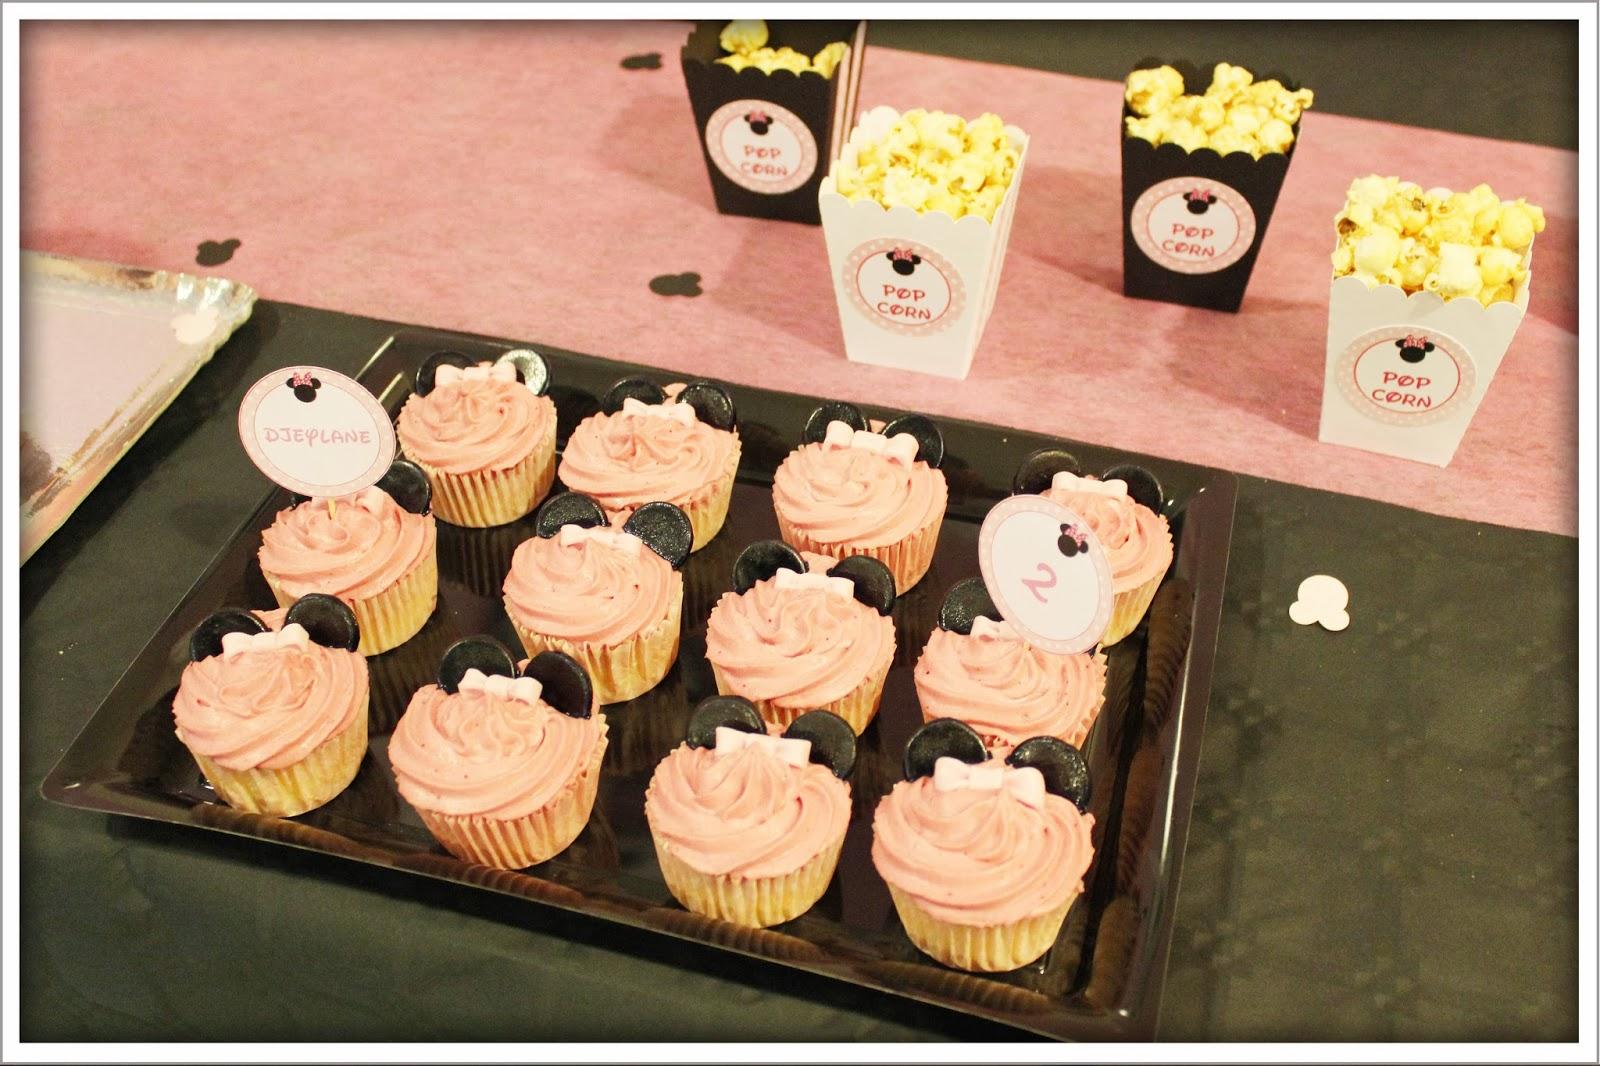 cupcakes roses et pots a pop corn personnalises